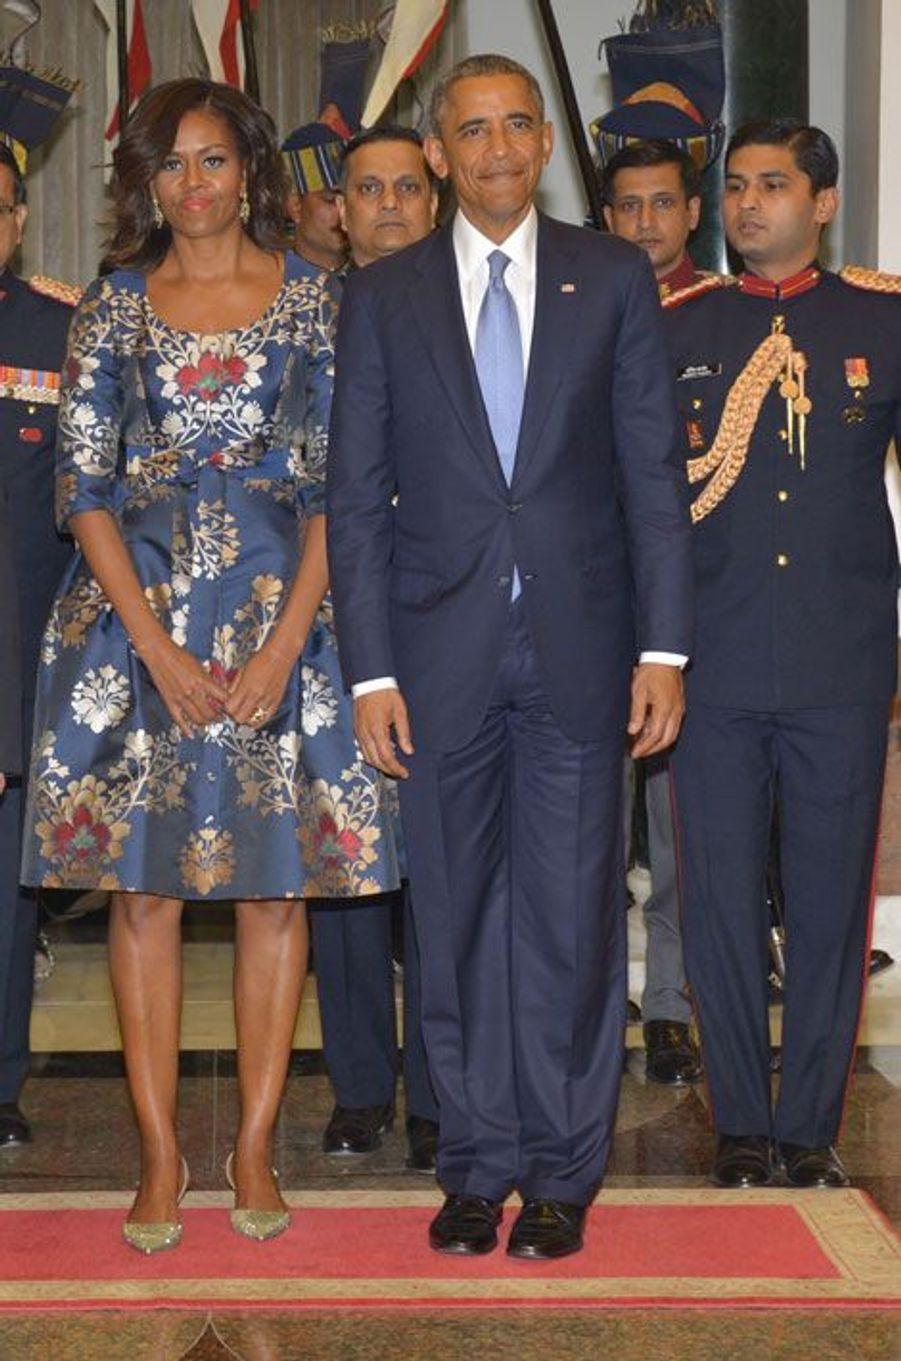 Michelle Obama auprès de Barack Obama et du président de l'Inde, le 25 janvier 2015